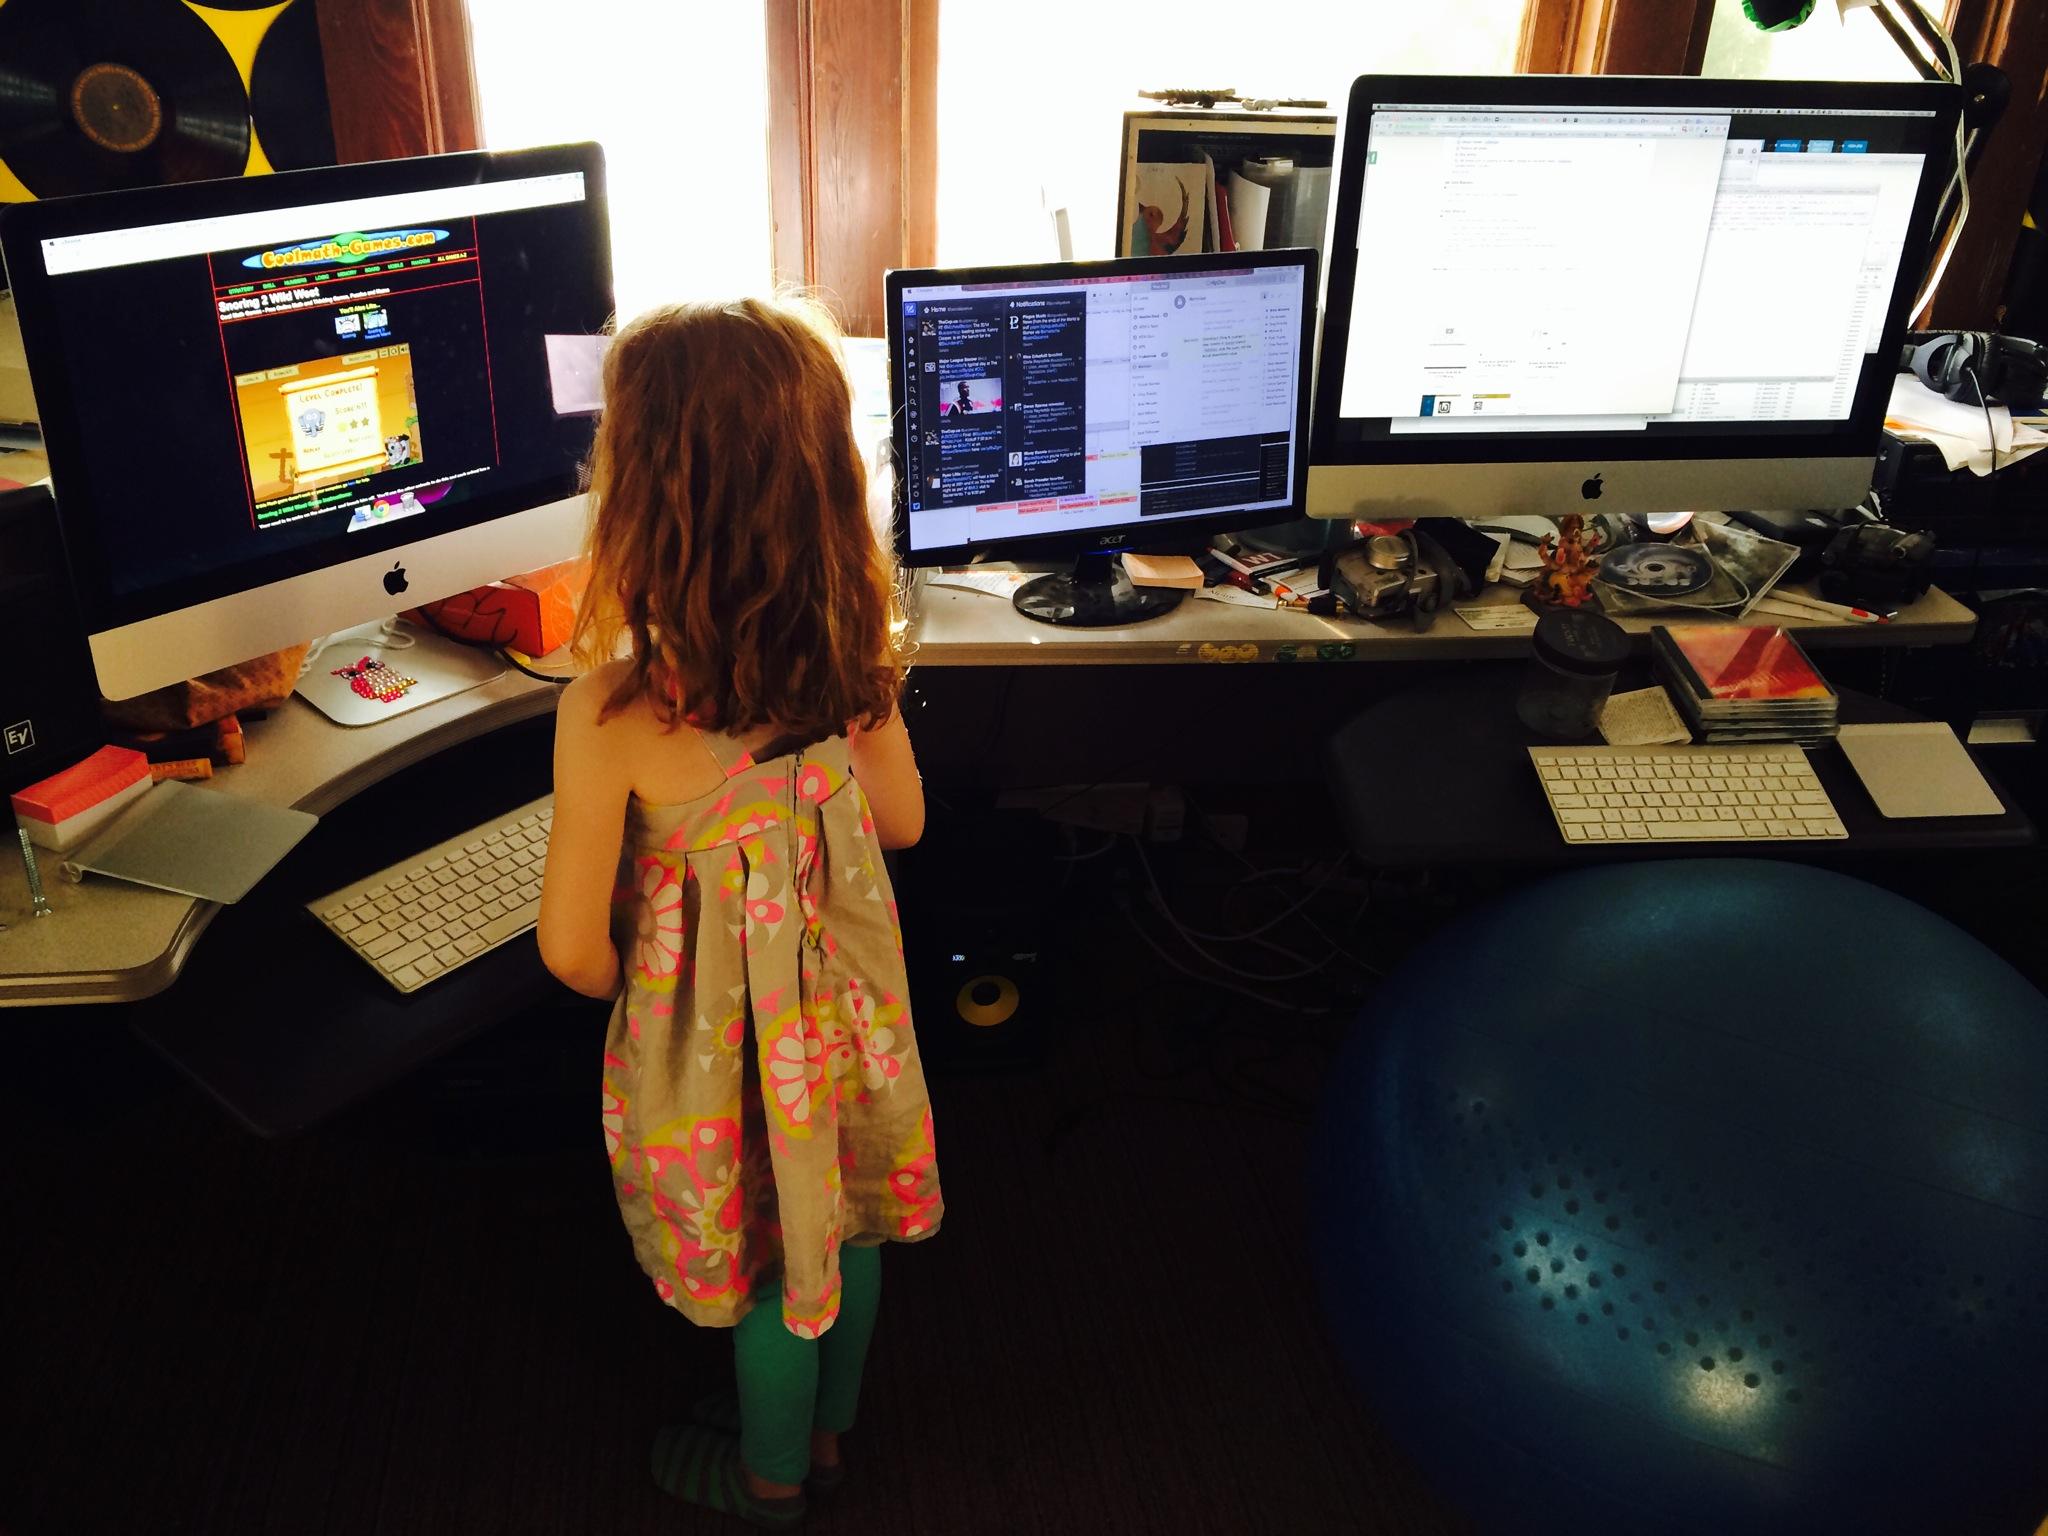 2 workstations, one really big desk